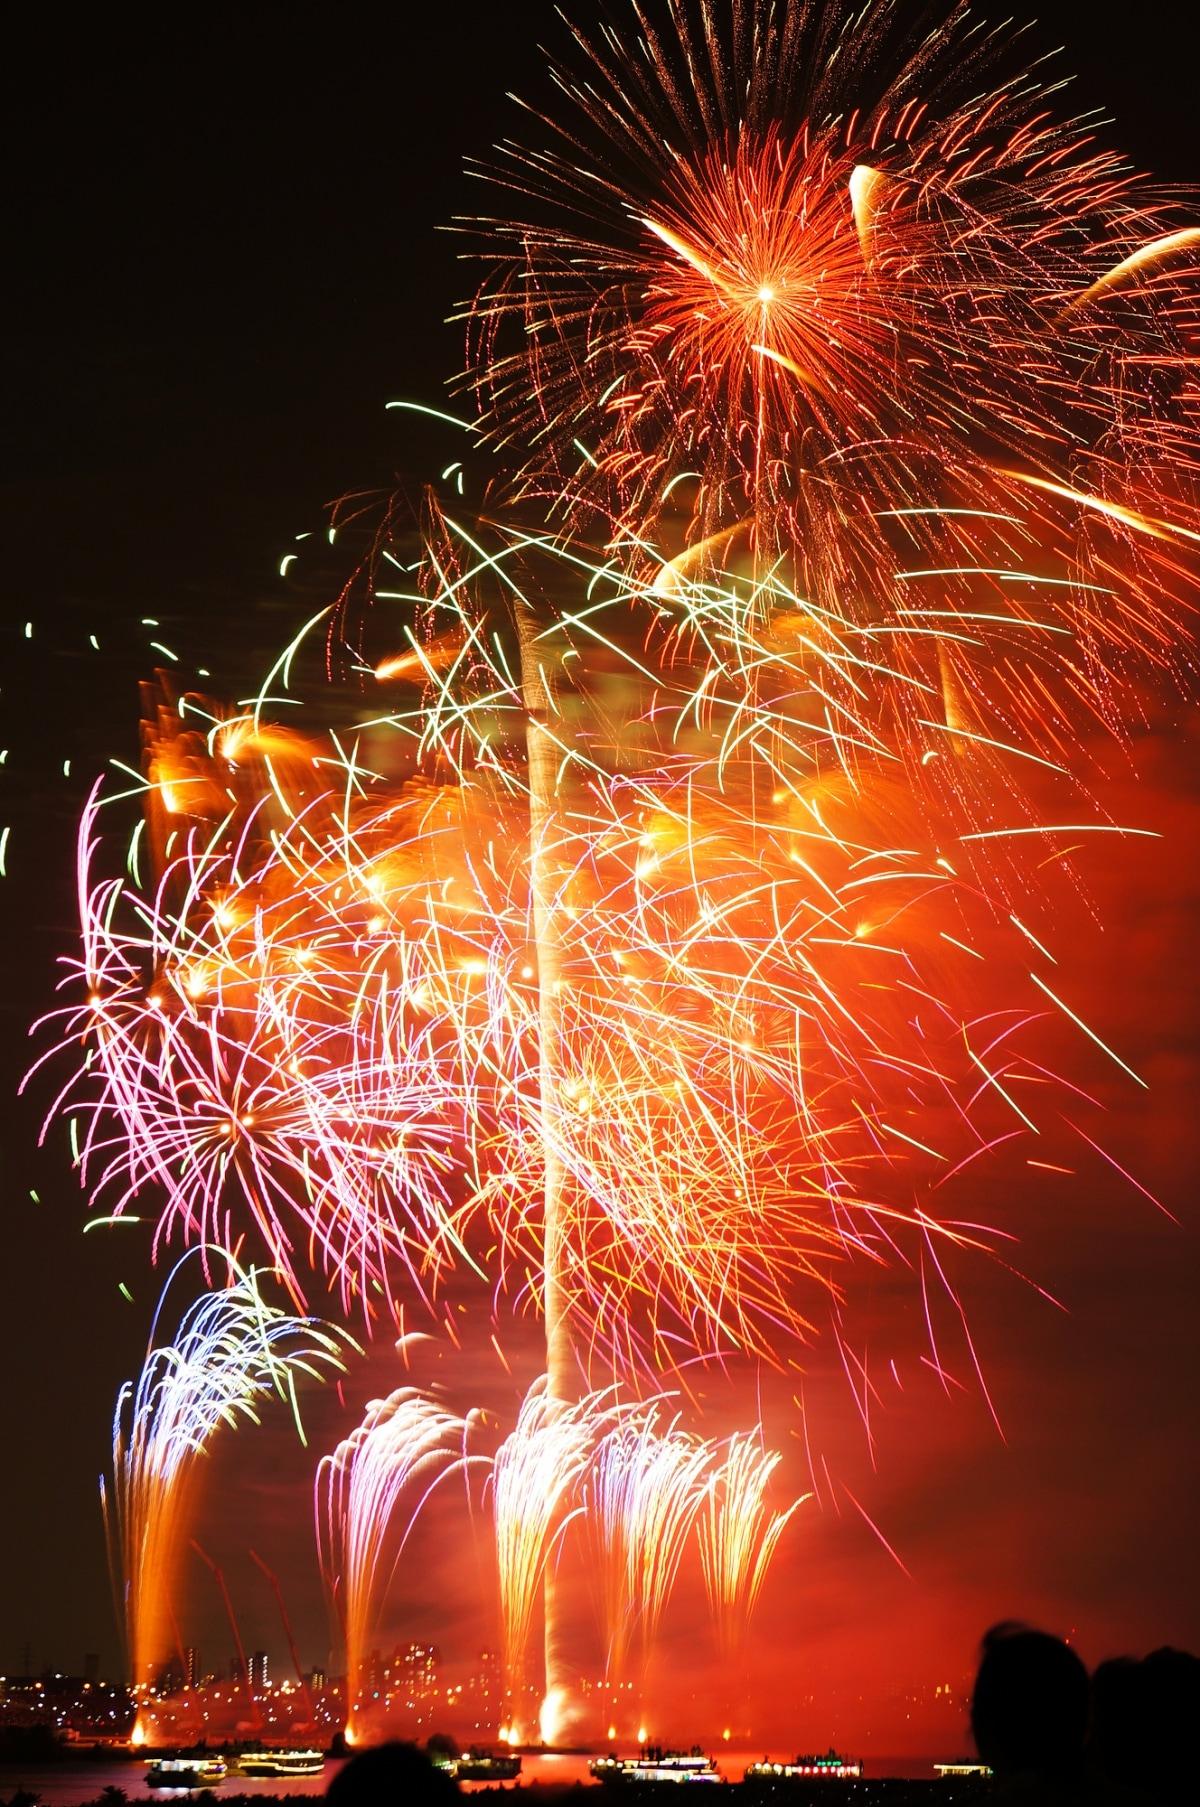 3. งานดอกไม้ไฟที่ Edogawa & Ichikawa